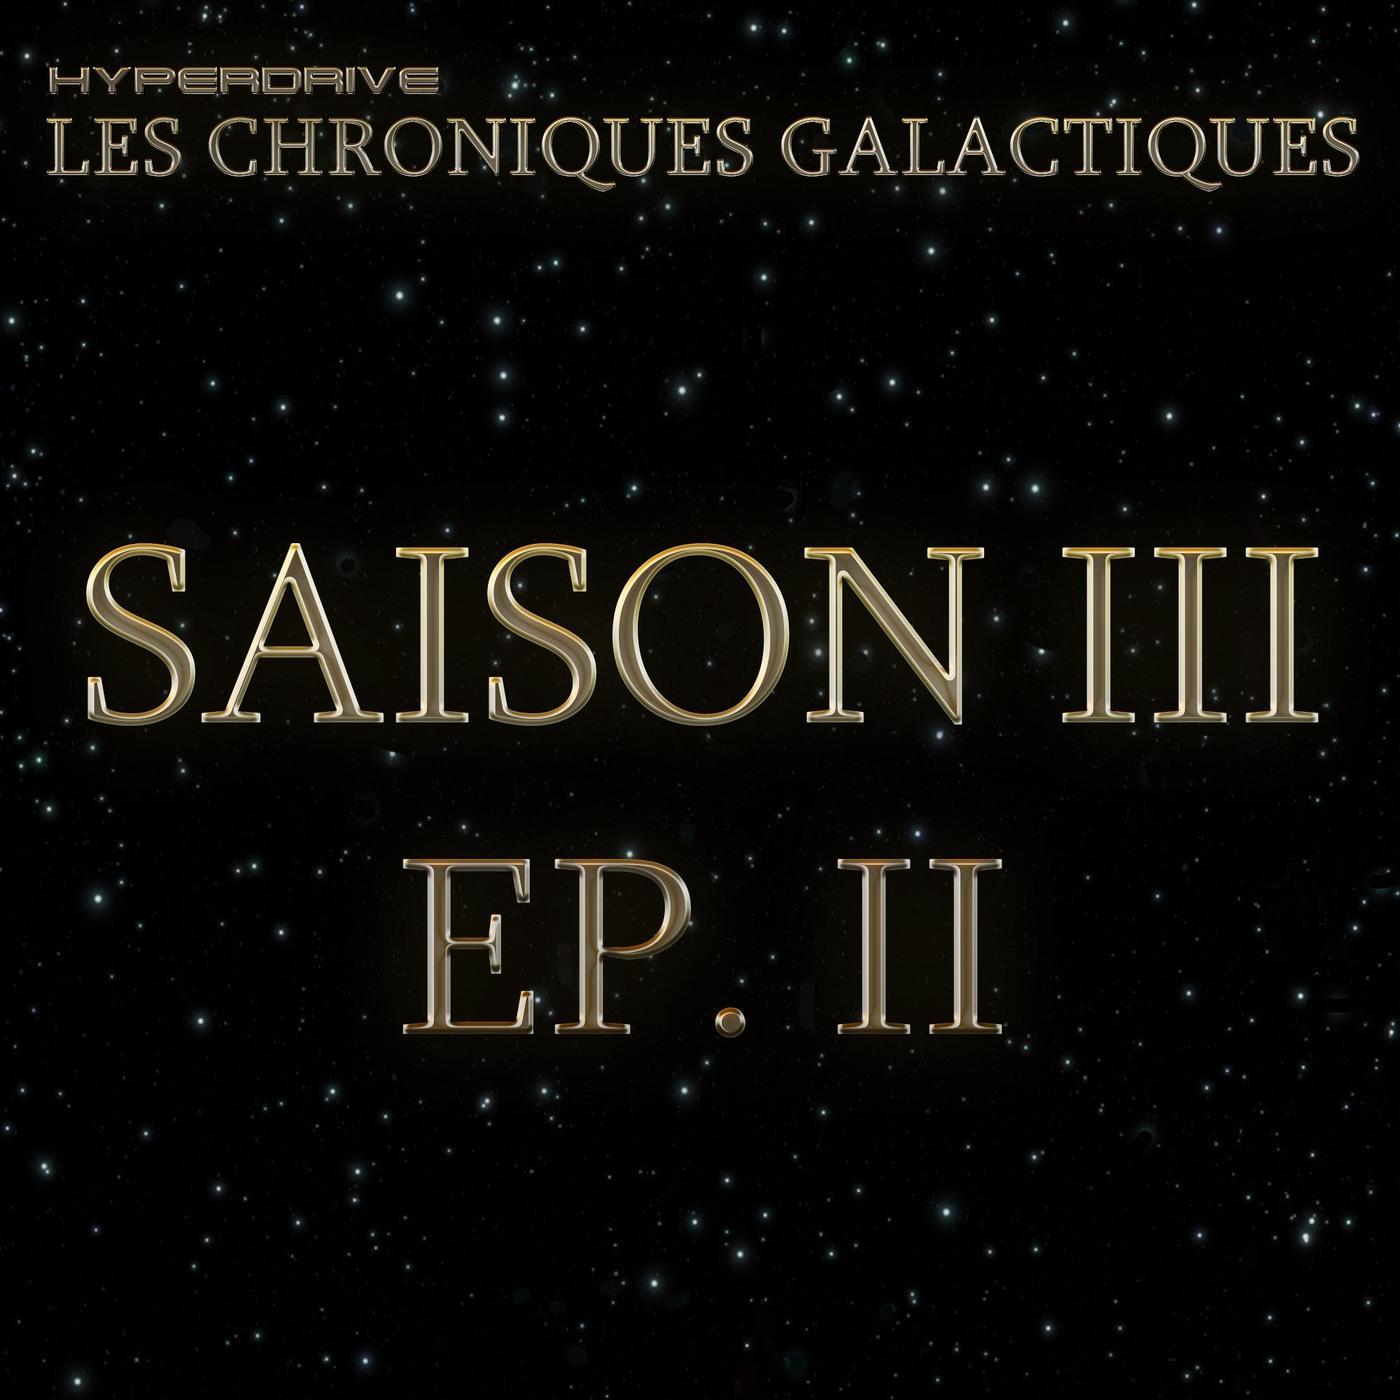 Les Chroniques Galactiques S3 - EP. 2/7 - Injustice